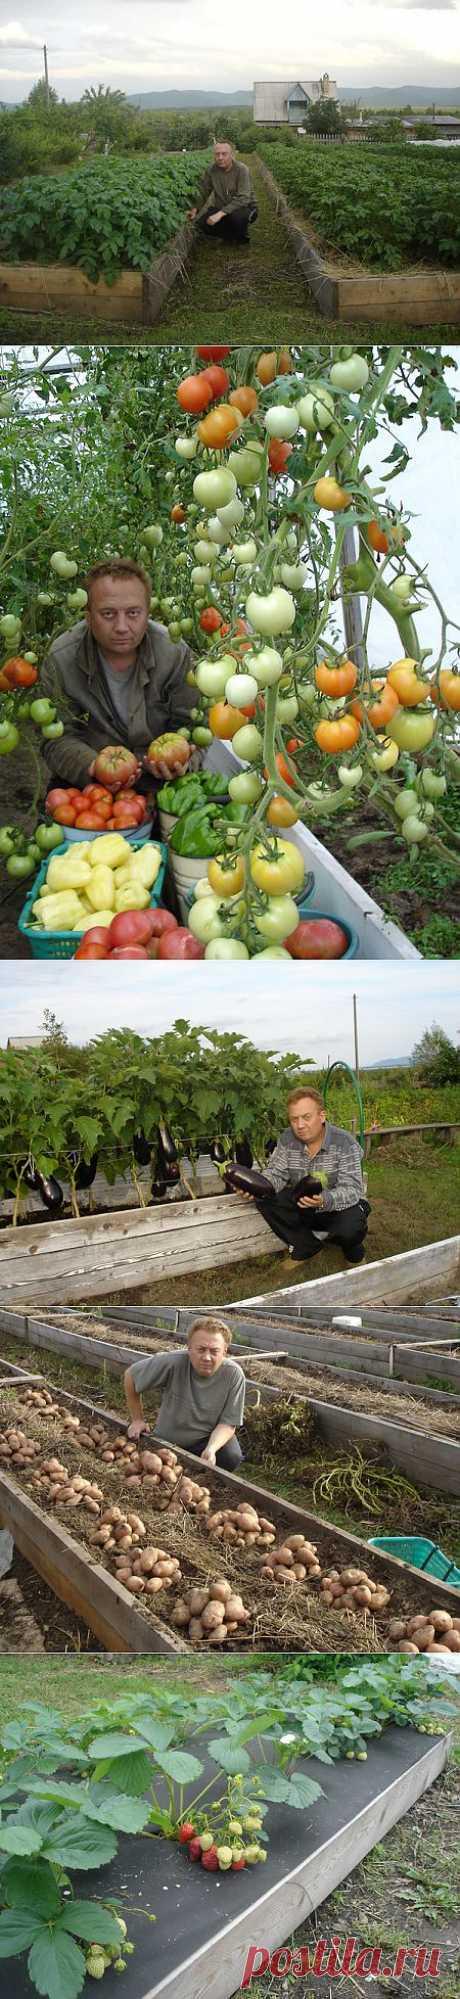 По просьбе многих моих друзей расскажу вам, как я выращиваю овощи. Таким способом уже садят многие дачники. Постараюсь вам объяснить. Я работаю, поэтому на дачный участок могу выезжать только на выходных. При этом надо отдохнуть после трудовой недели, покушать шашлык, попариться в бане, ну и маленько потрудиться на земле.  Каждый год весной, приезжая на свой дачный участок, мы сеем или высаживаем овощи на свои грядки. Размер грядки шириной от 1,4 метра до 2 метров, дорожки между ними от 20 см.